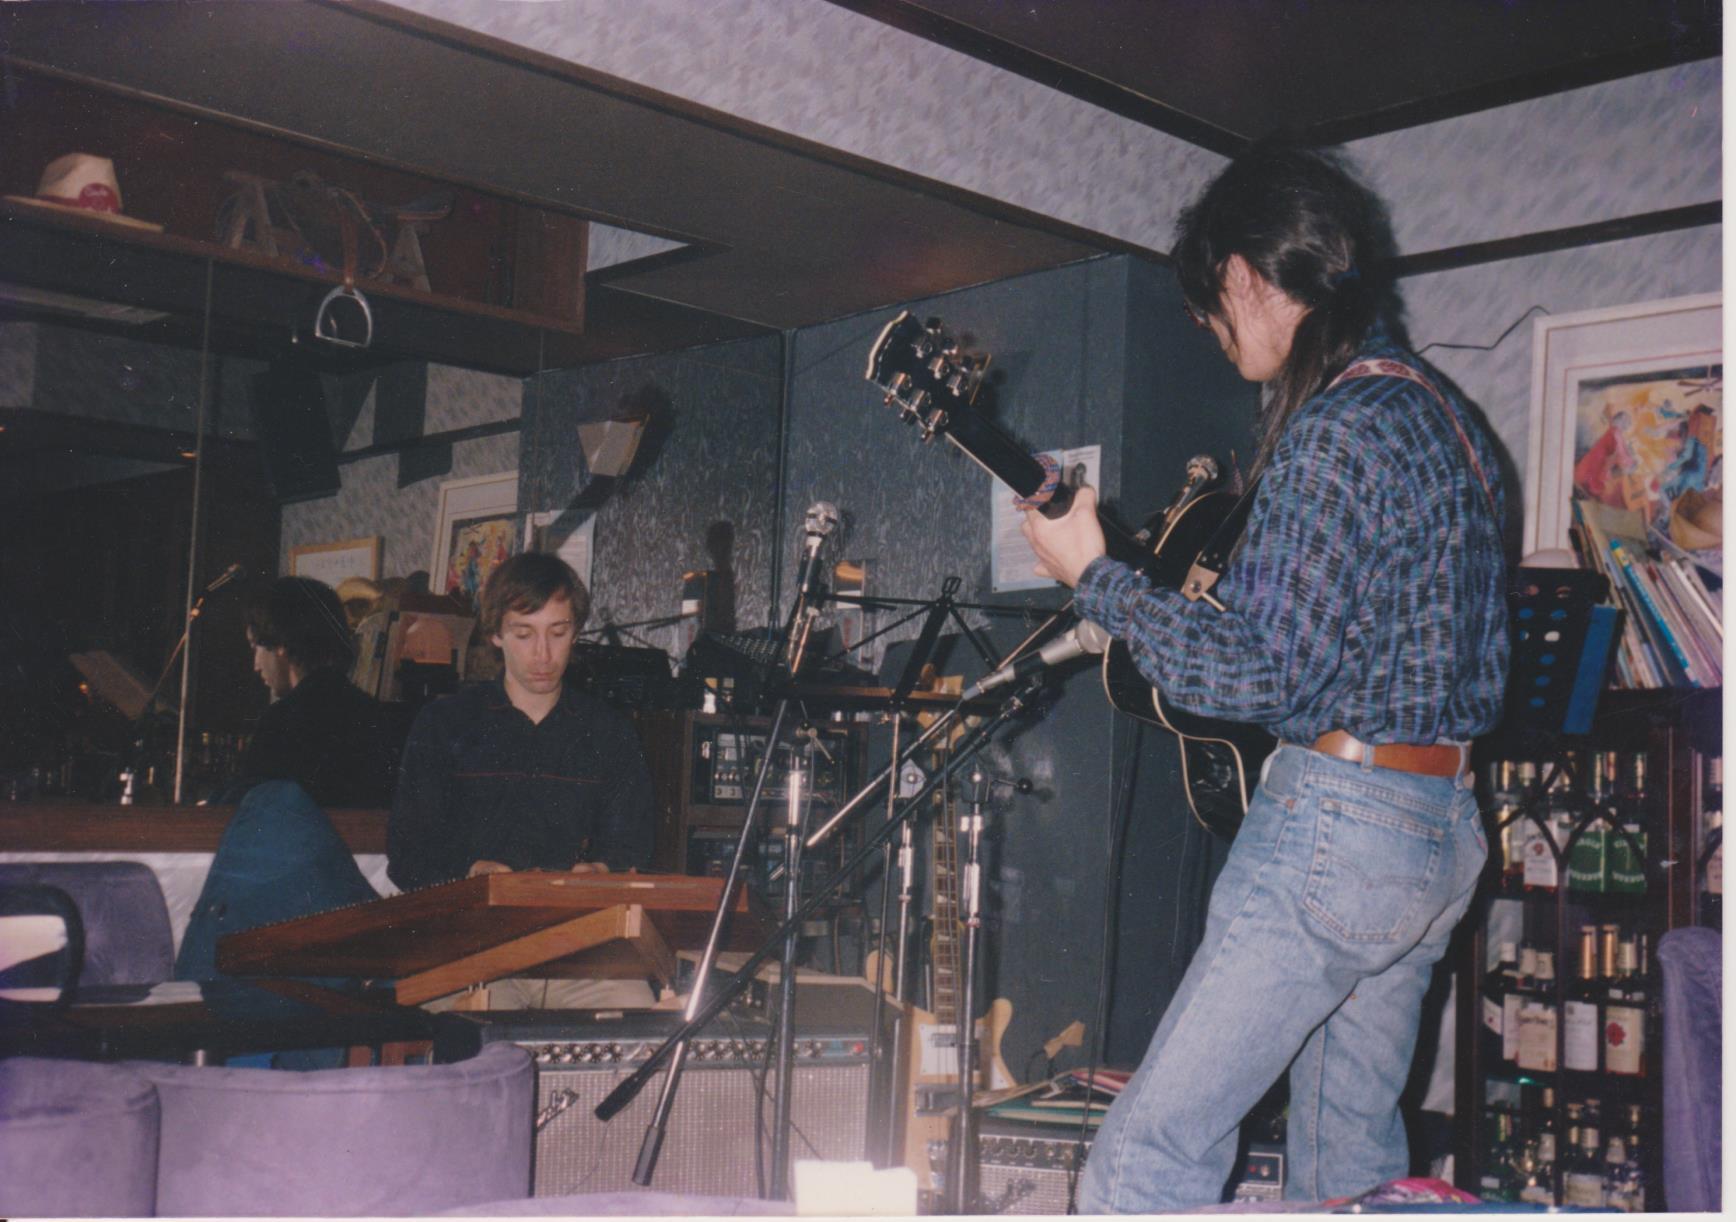 Daveとは1987年にアメリカ・カンザス州で出会った。当時から彼は「日本に行きたい!」と言っていた。 これは池袋辺りのバー!?みたいな店で演奏した時。この時、一緒に上野の山にも行ってバスキングしたな